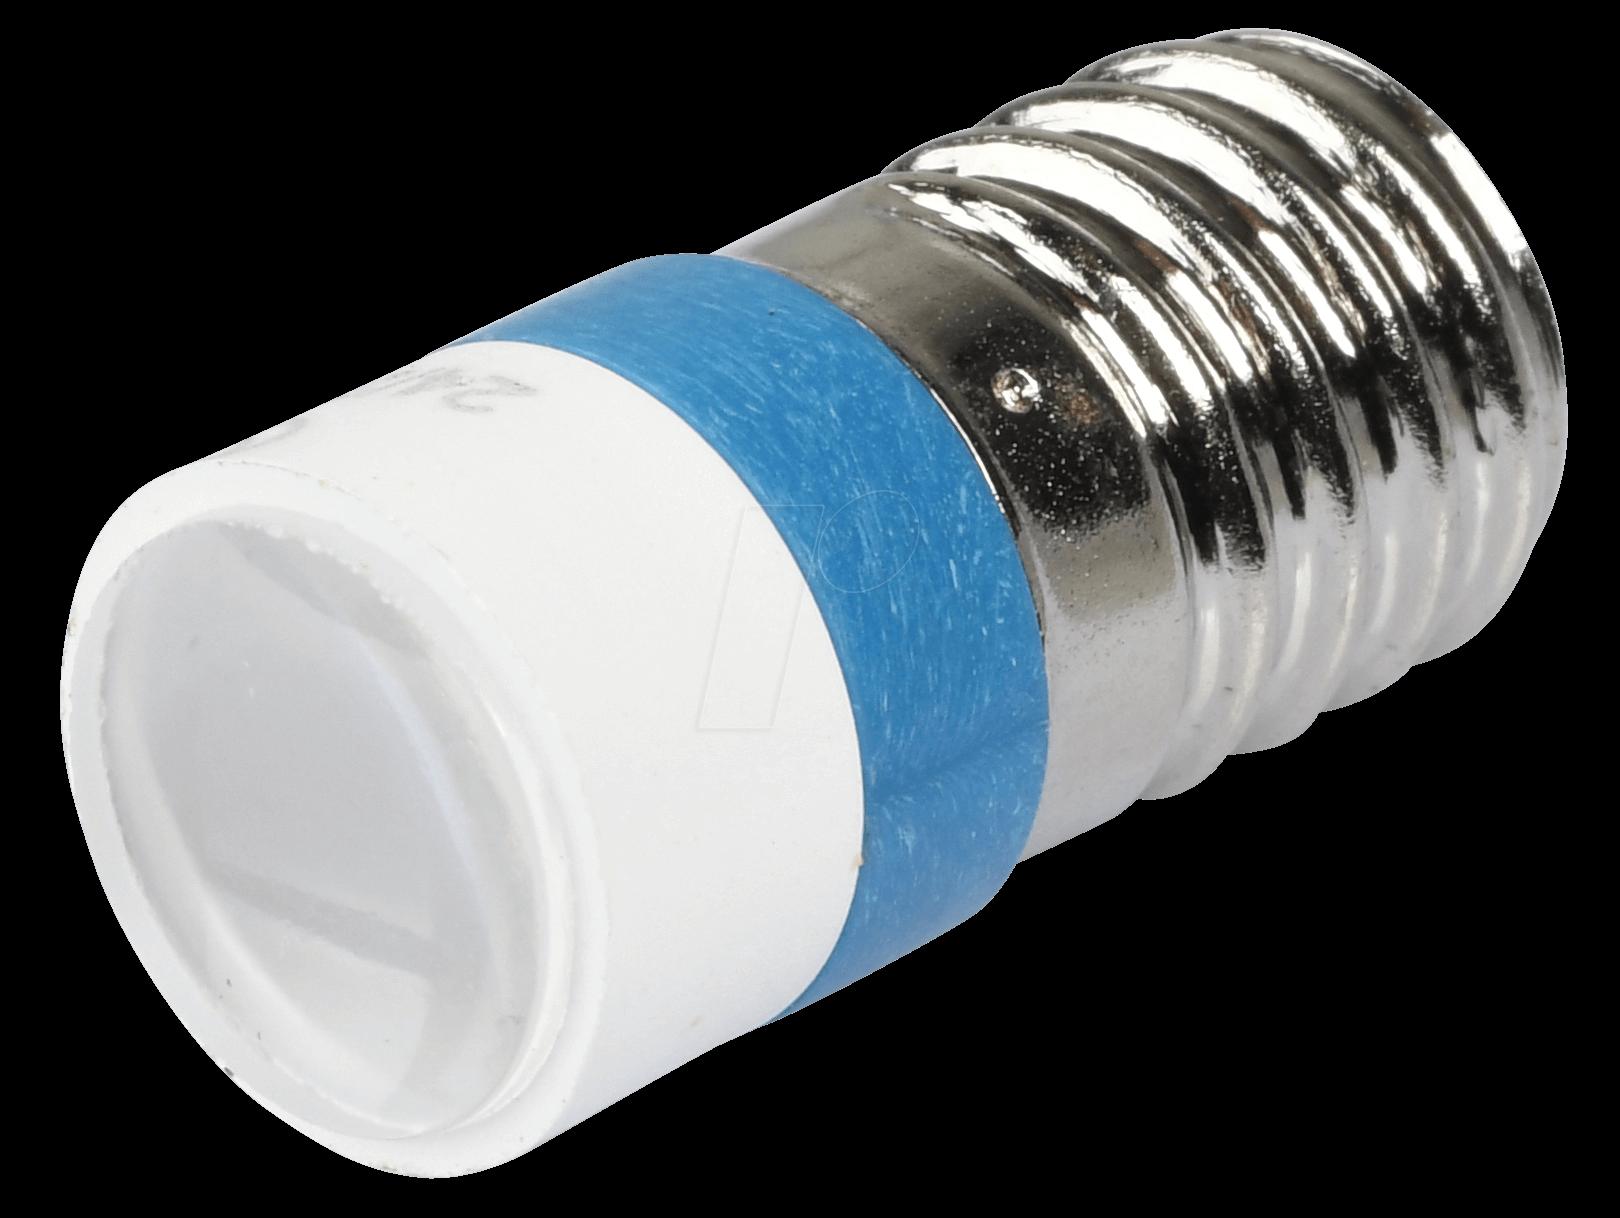 MELE 2244 - LED-Spot-Light, E10, blau, 24 V, 60...